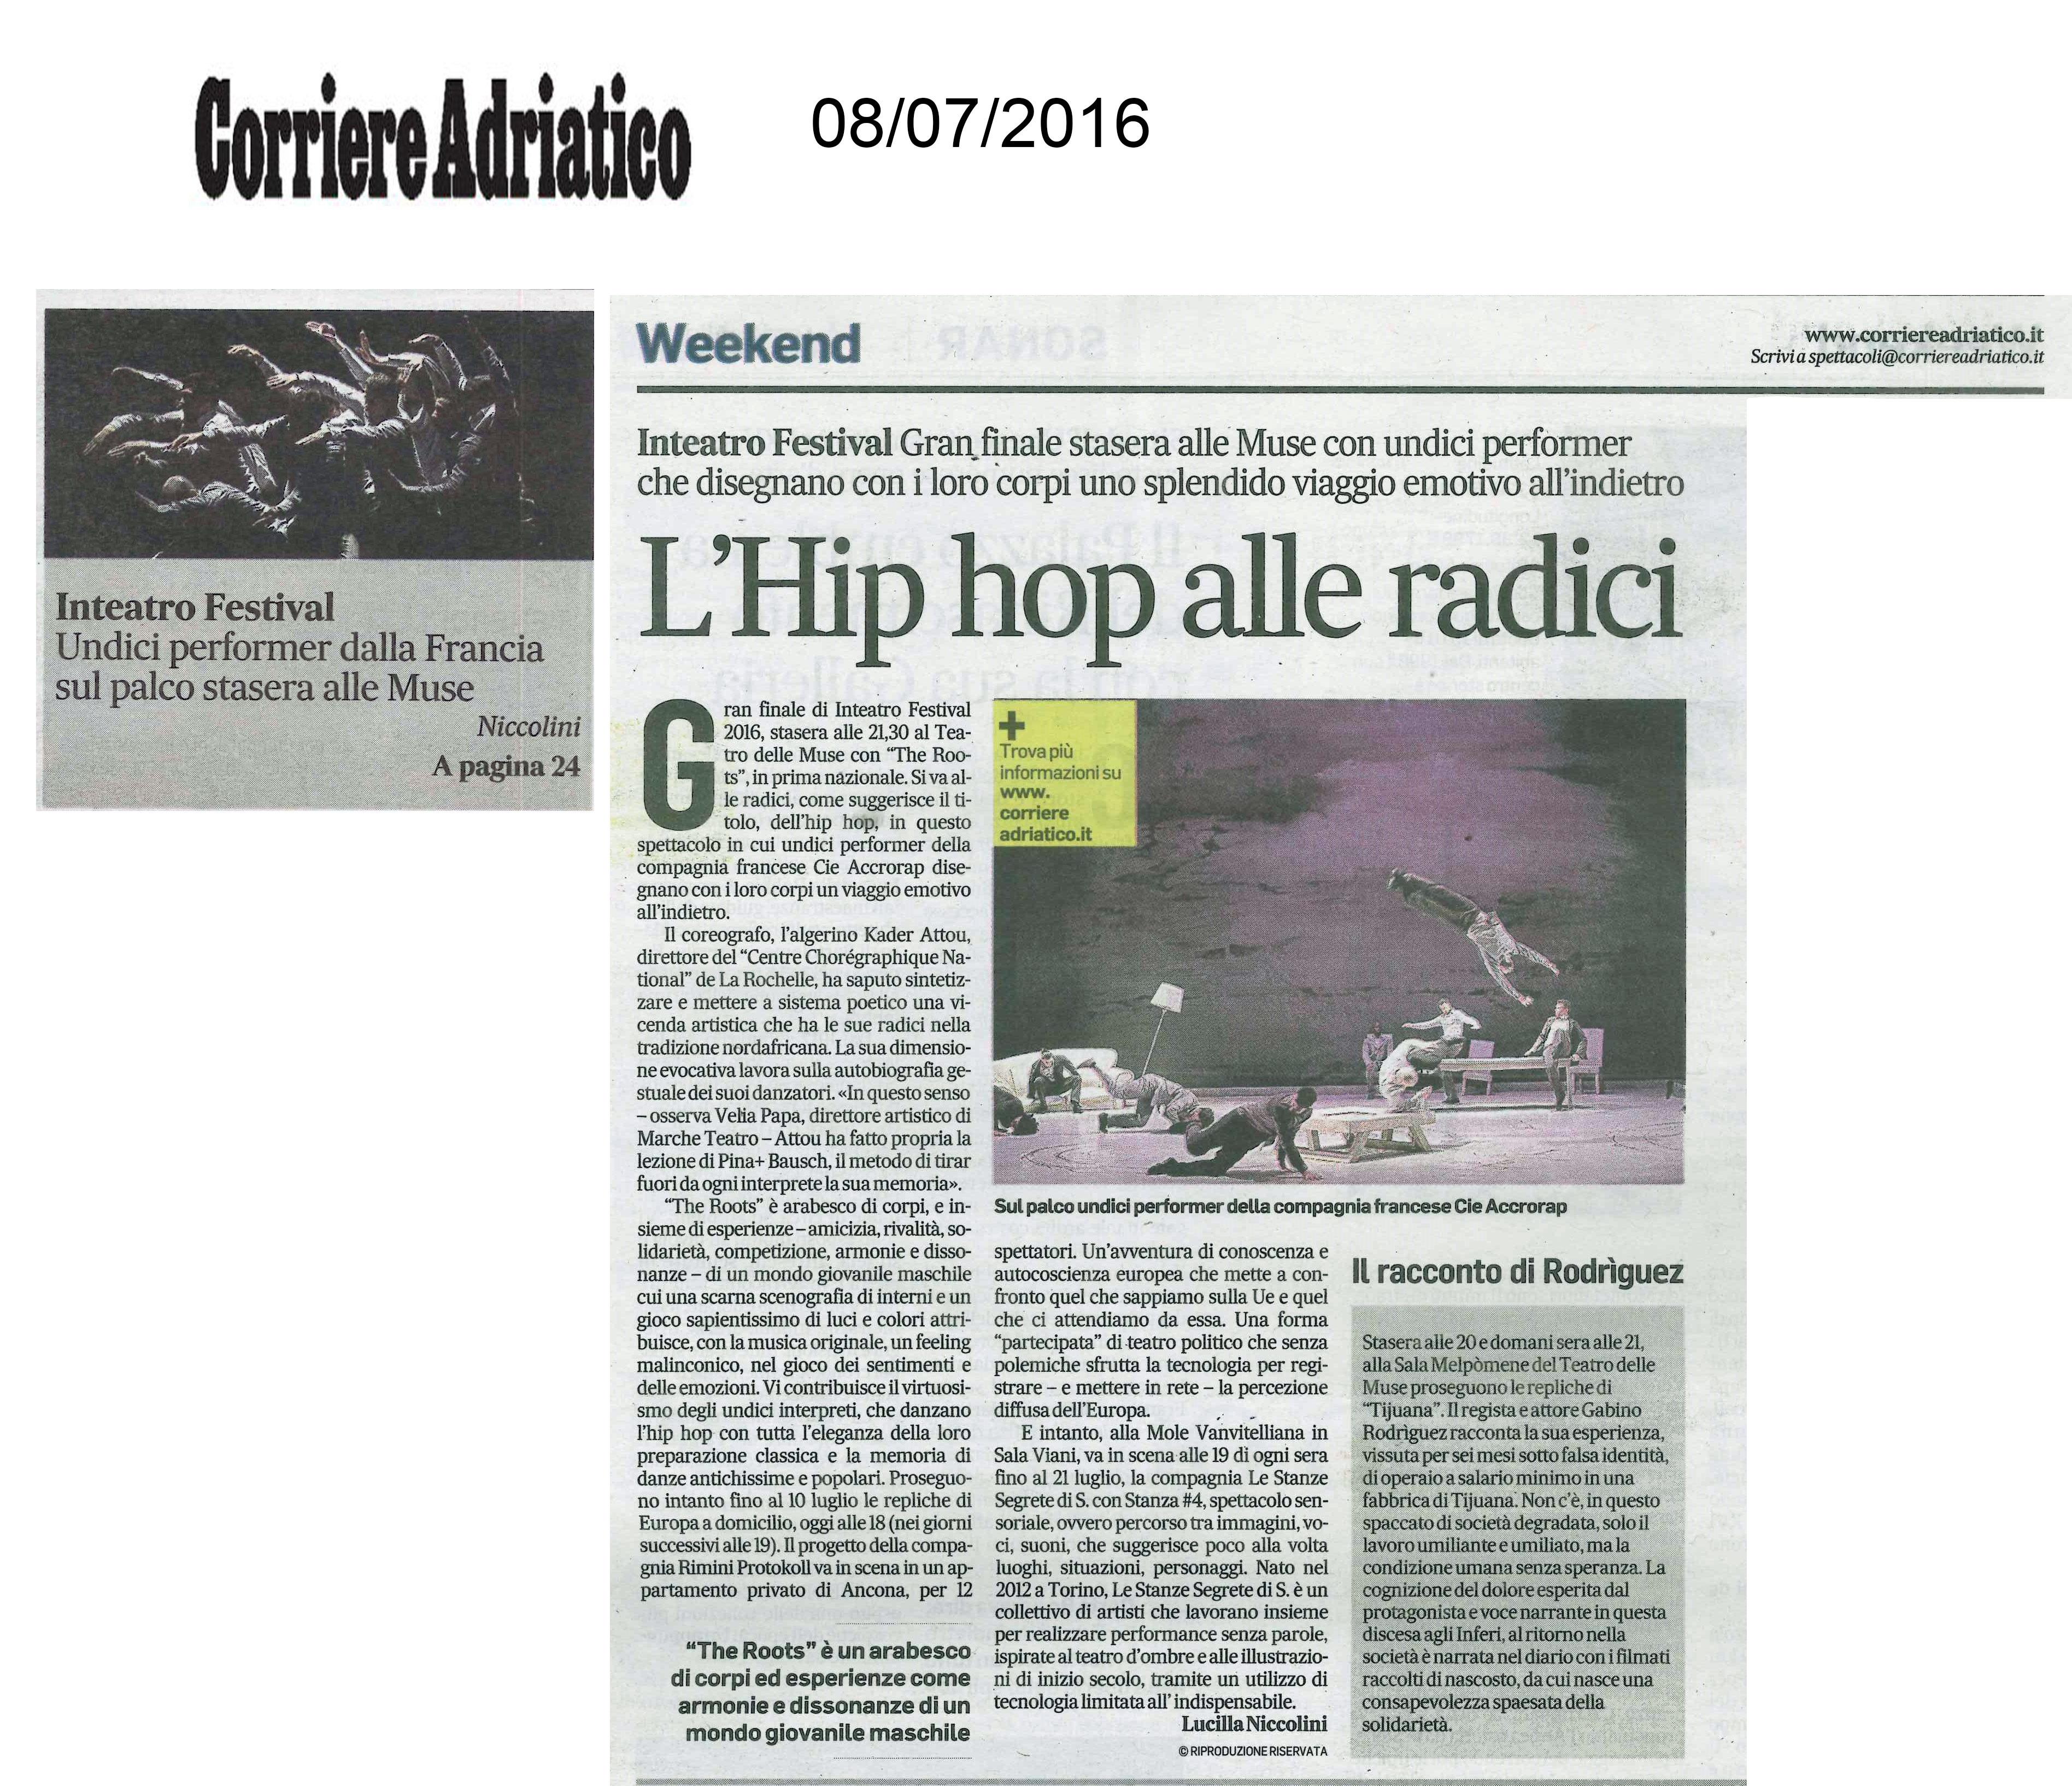 2016_07_08_-l'hip-hop-alle-radici_corriere-adriatico